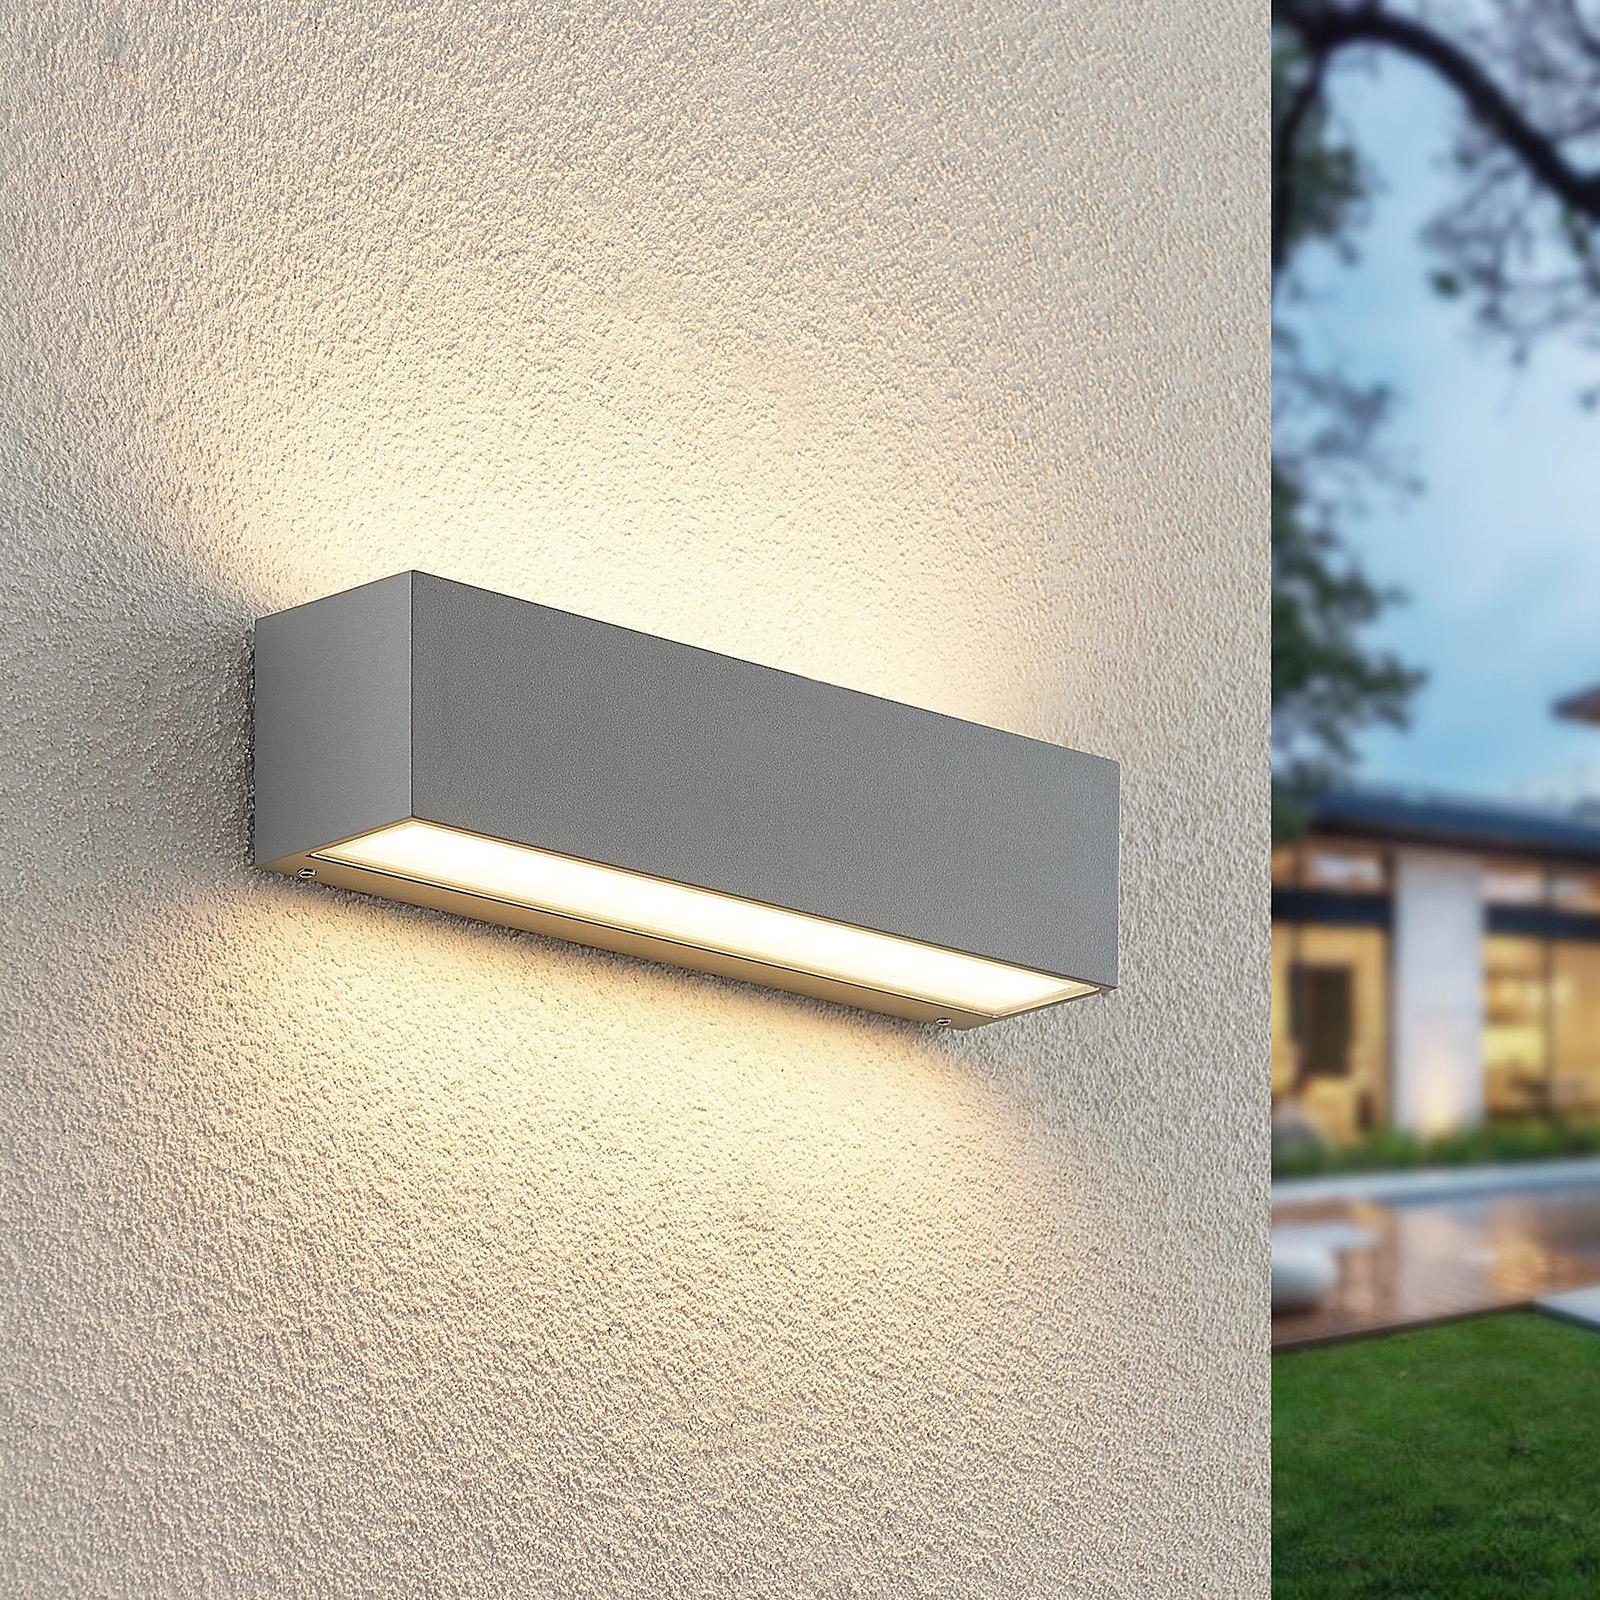 Lucande Lengo kinkiet zewnętrzny LED Up Down 25 cm